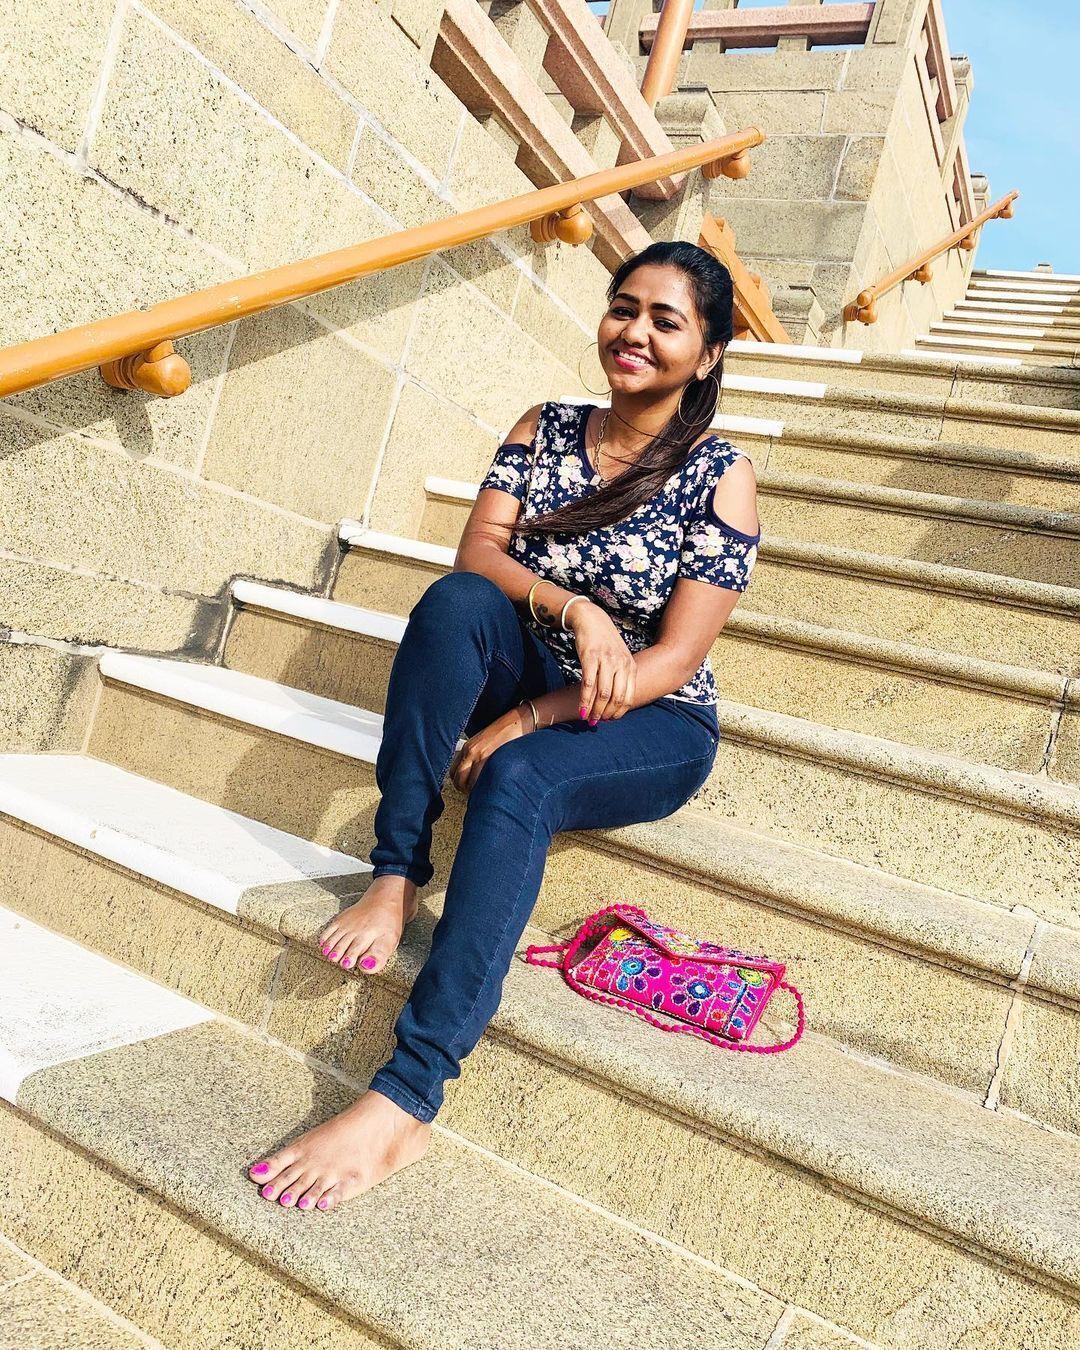 രാജകുമാരിയെ പോലെ നടി ഷാലു ഷമ്മു: പുതിയ ചിത്രങ്ങള്